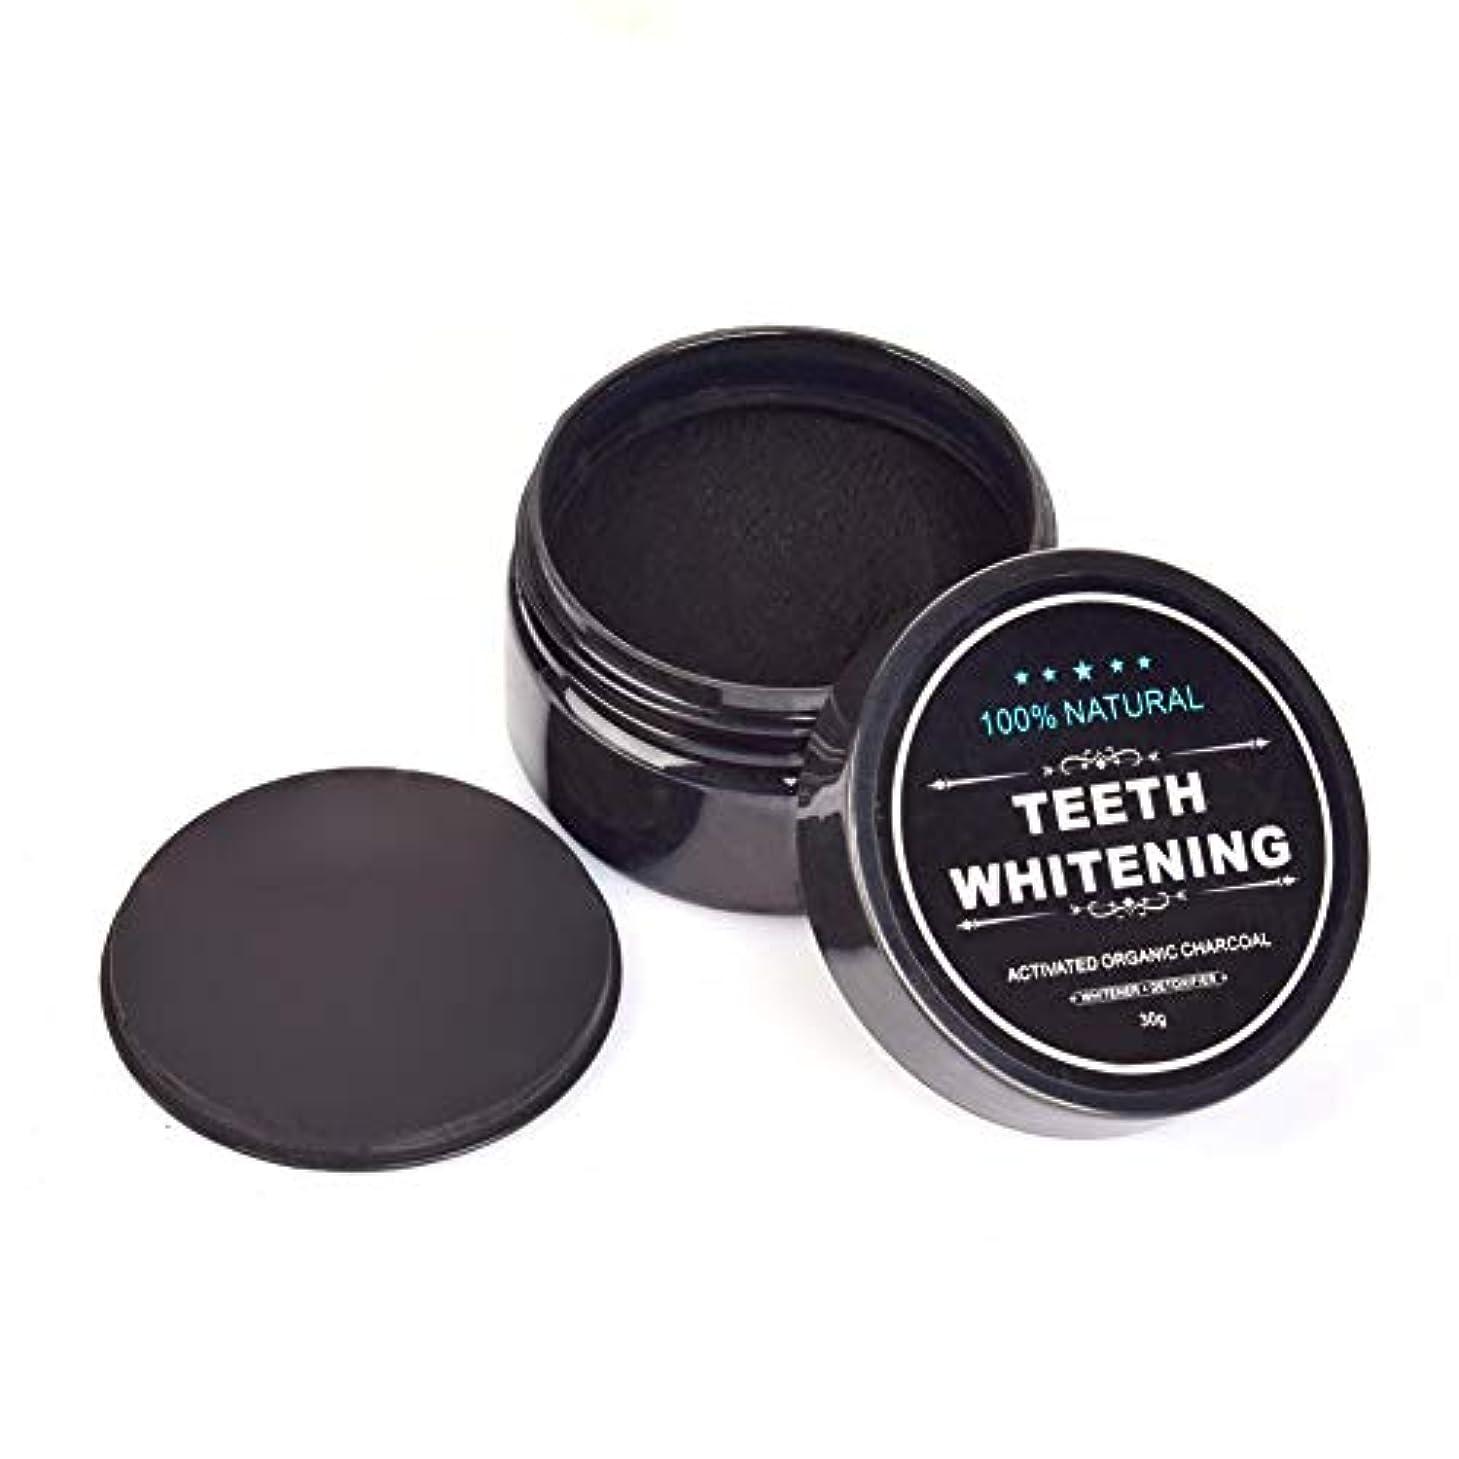 可決取り消す酸度SILUN チャコールホワイトニング 歯 ホワイトニング チャコール型 マイクロパウダー 歯 ホワイトニング 食べれる活性炭 竹炭 歯を白くする歯磨き粉 活性炭パウダー